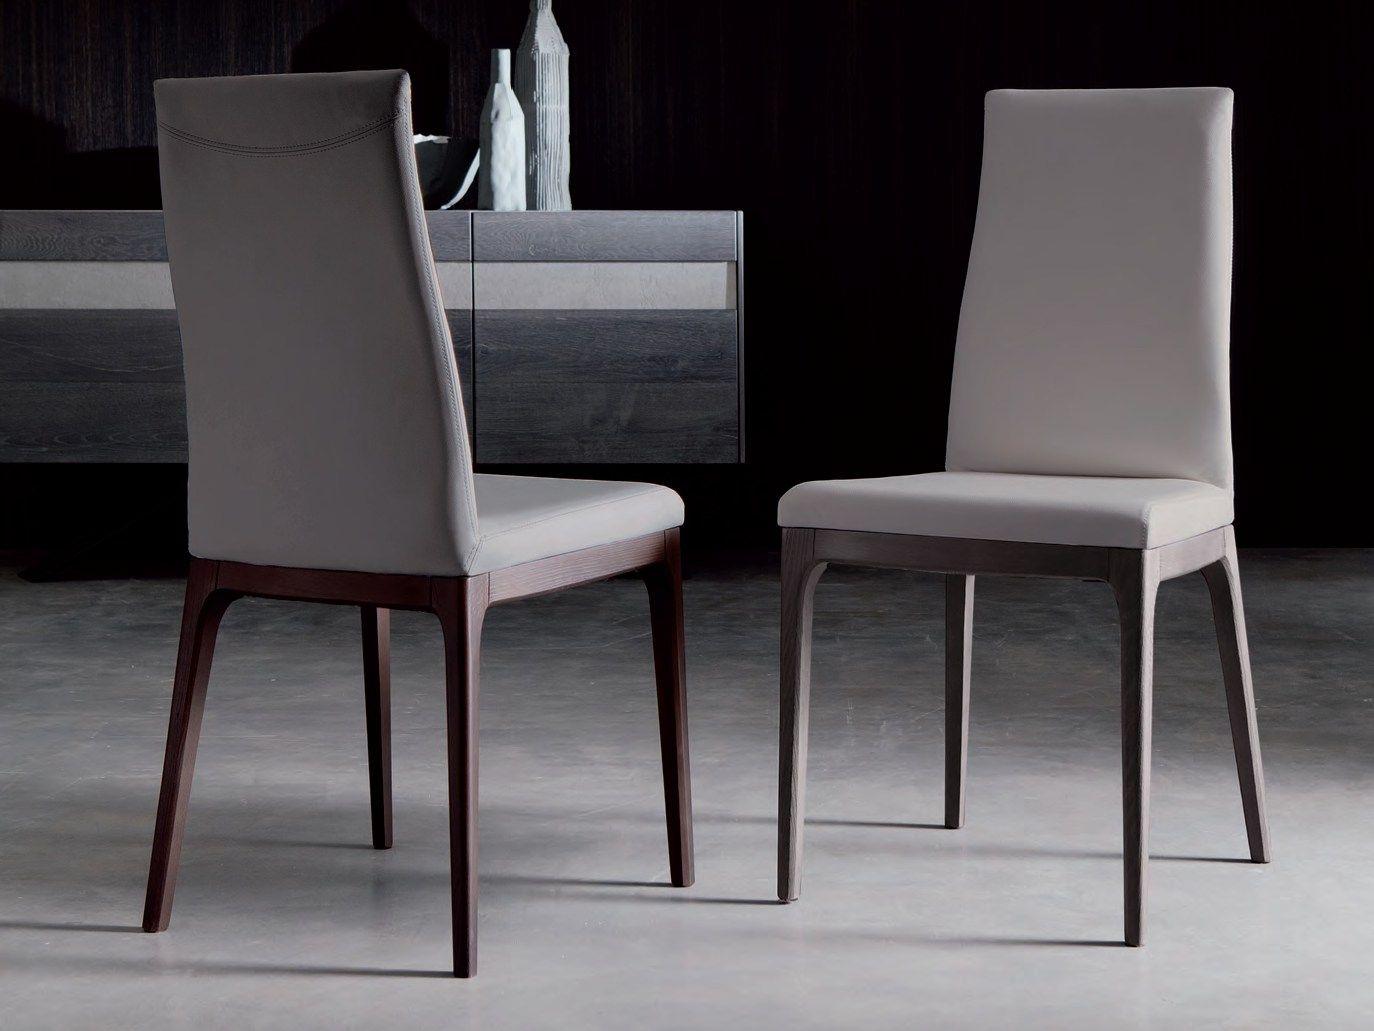 Sedia con schienale alto blues by ozzio italia design for Sedia design schienale alto